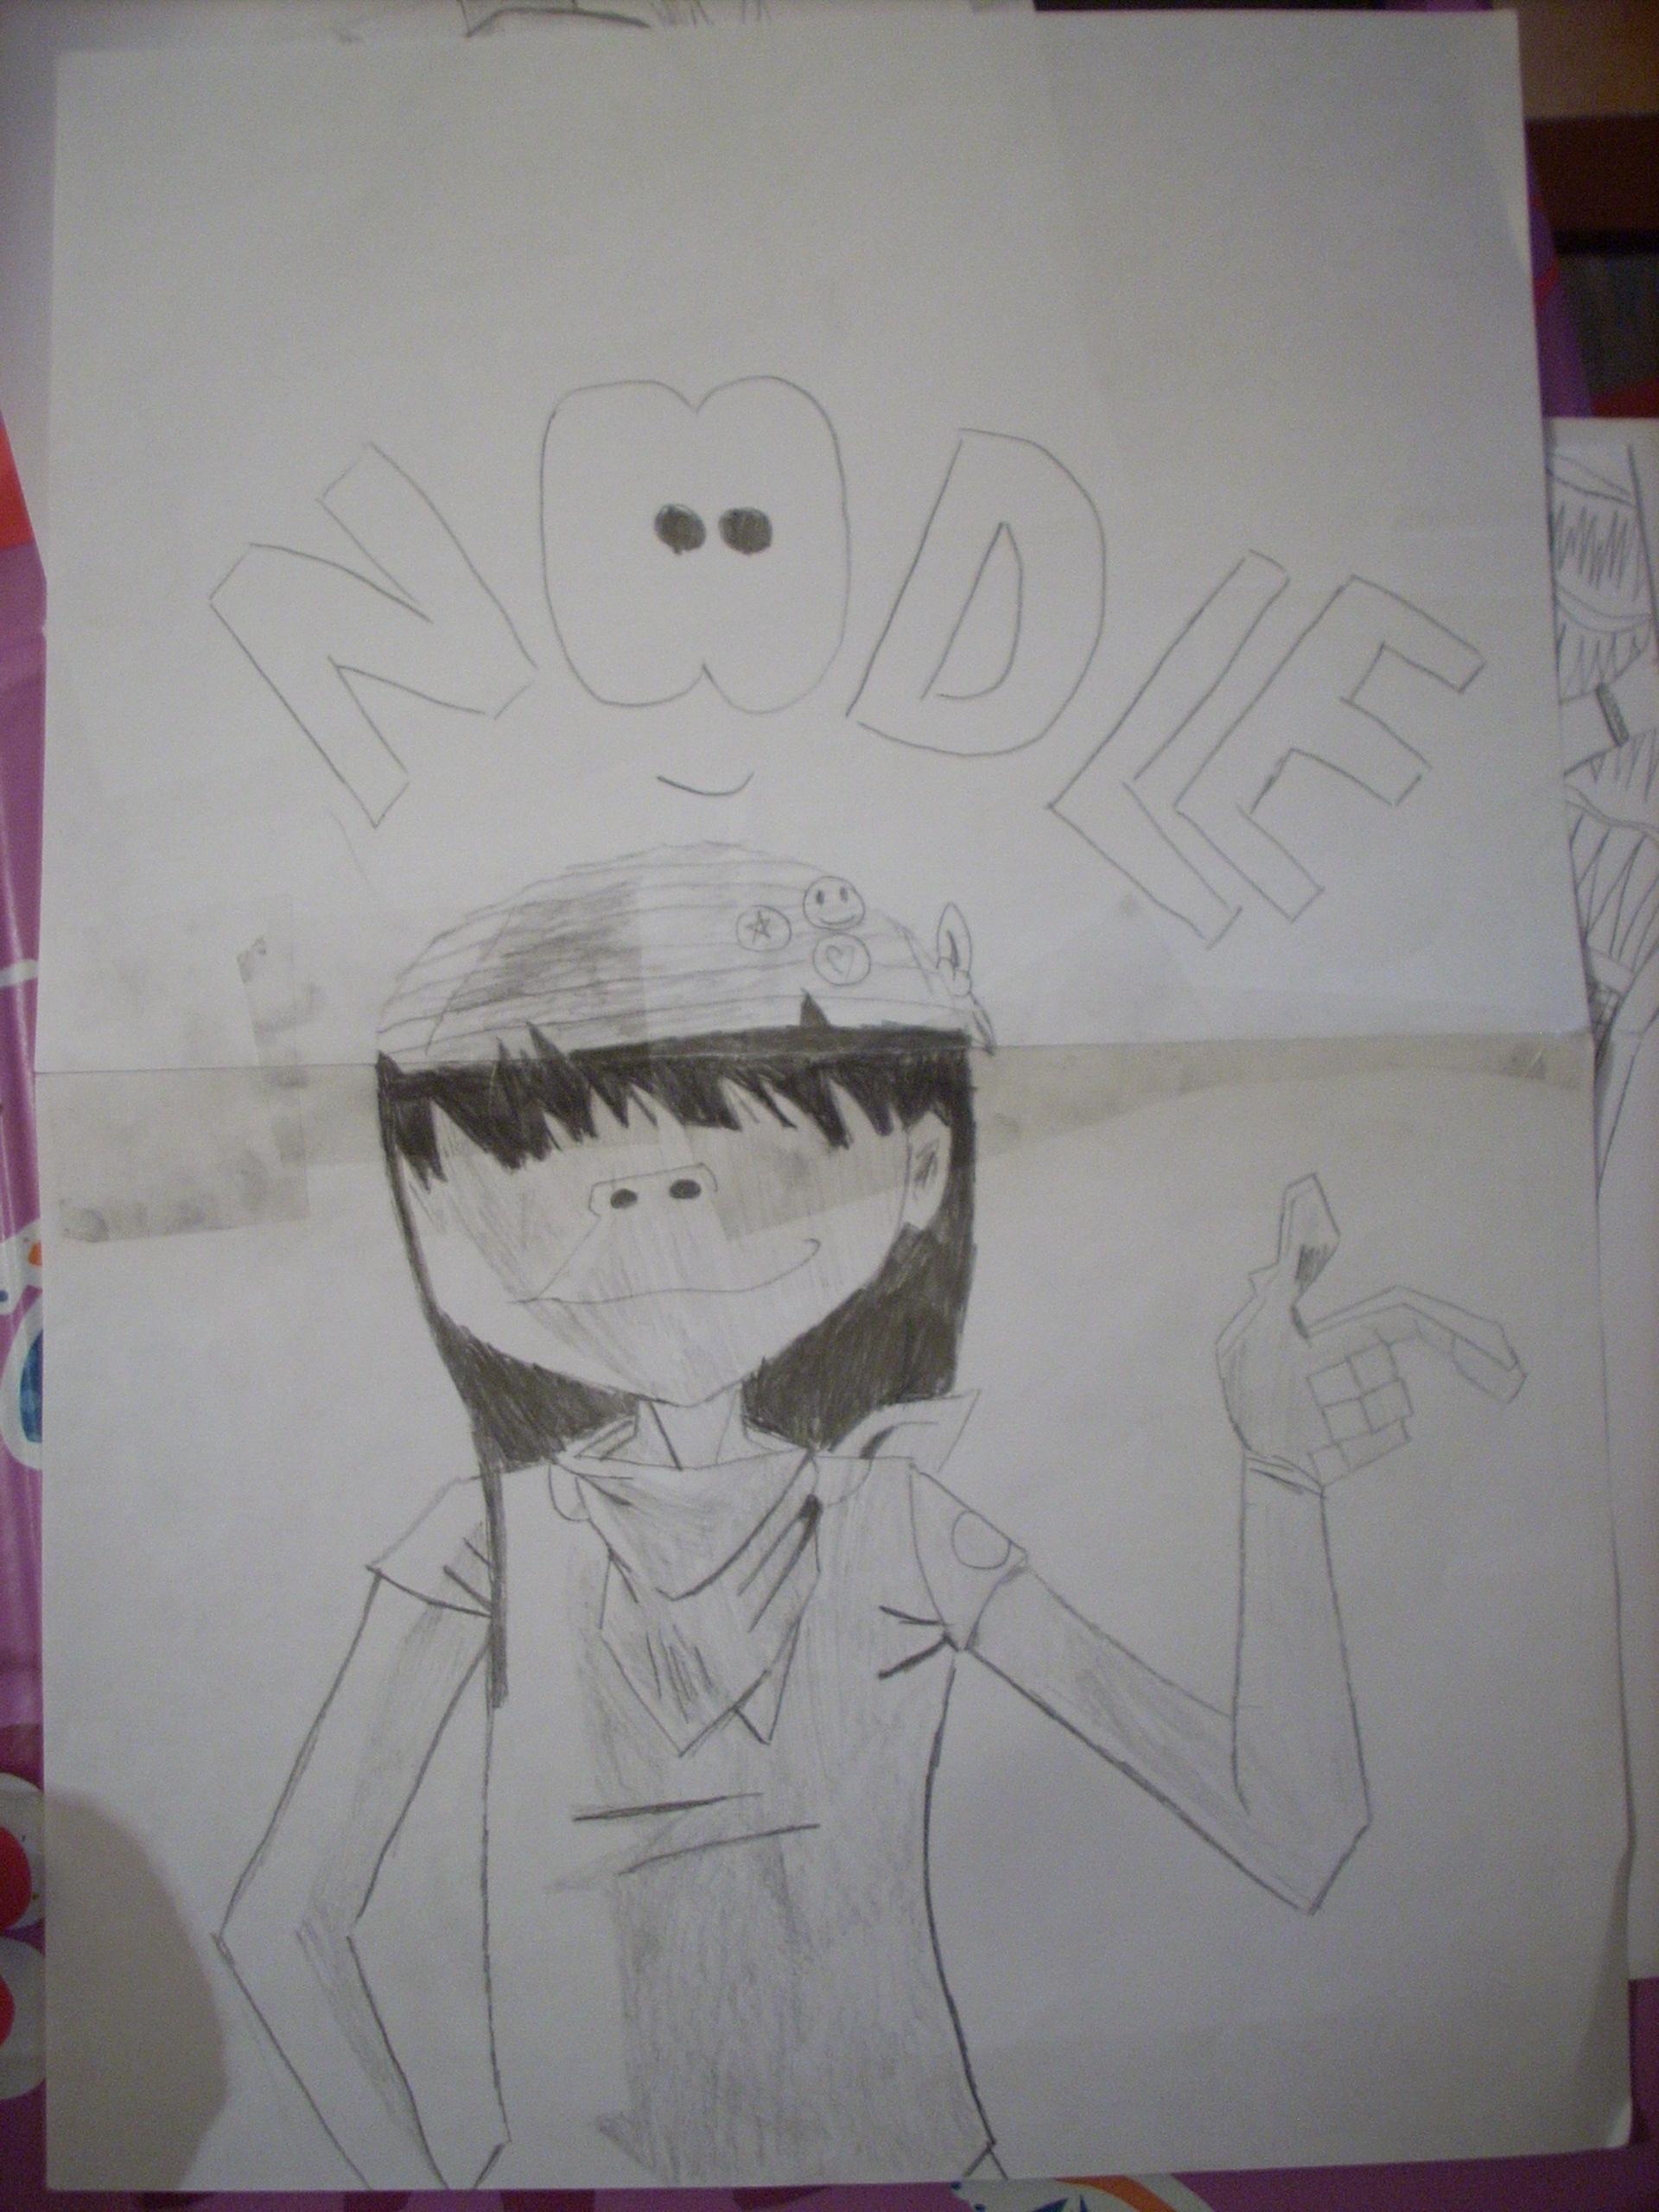 Noodle dirty harry - Gorillaz Fan Art (33113125) - Fanpop